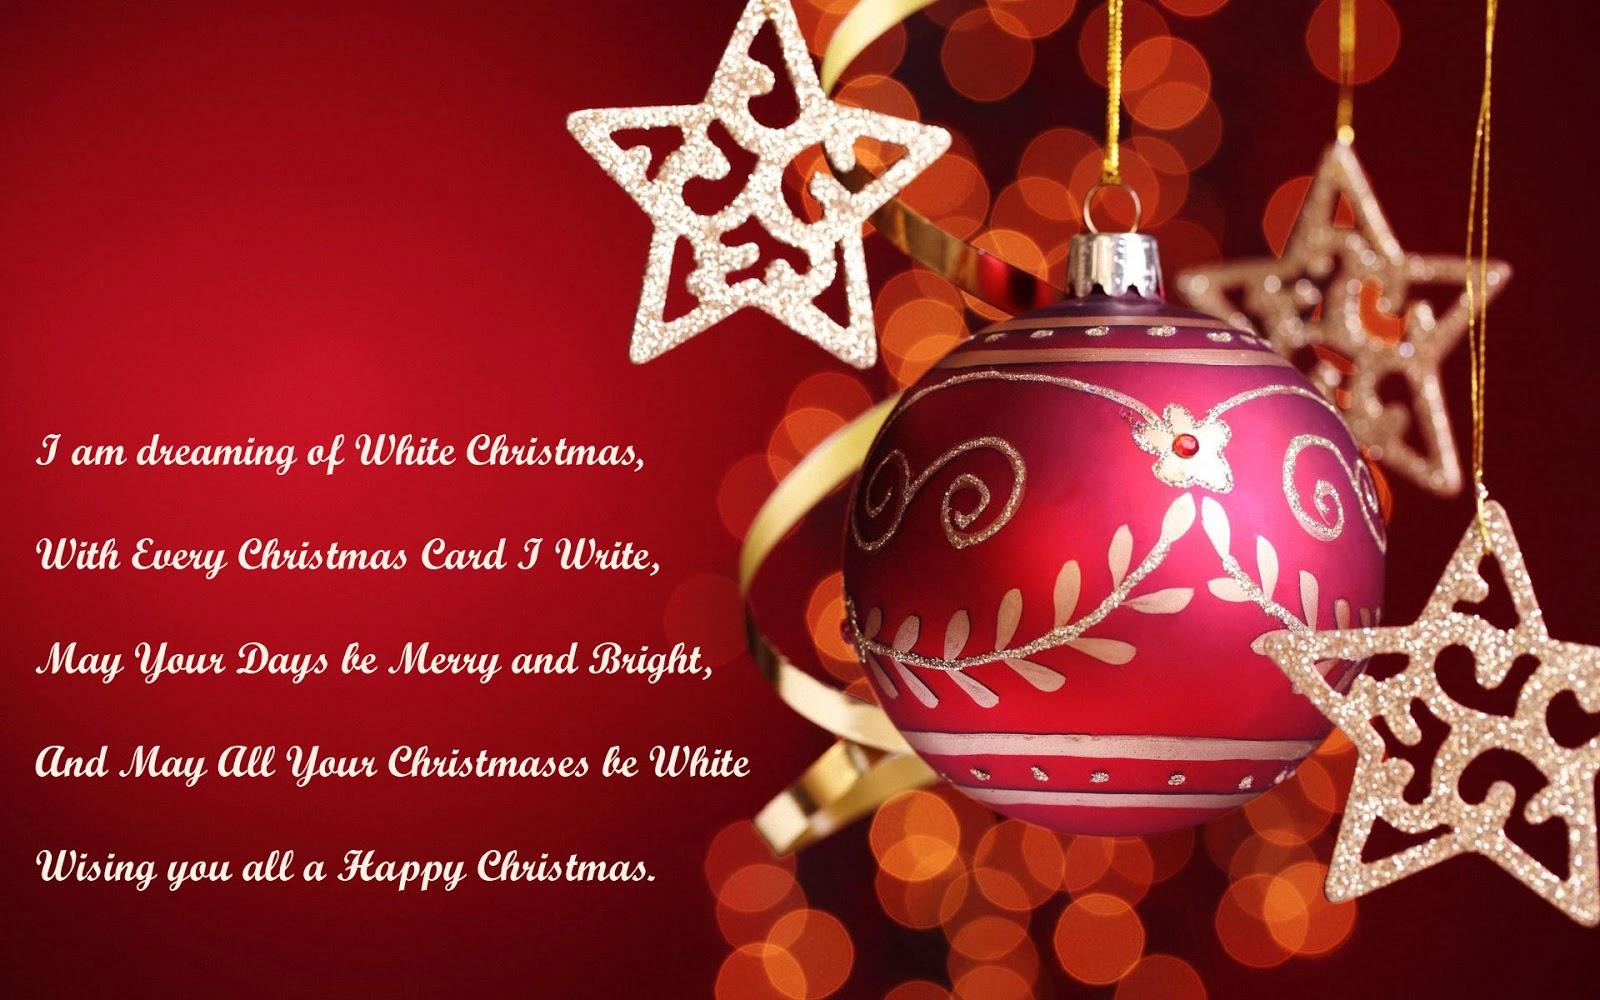 Top 20 merry christmas whatsapp status merry christmas whatsapp status kristyandbryce Gallery